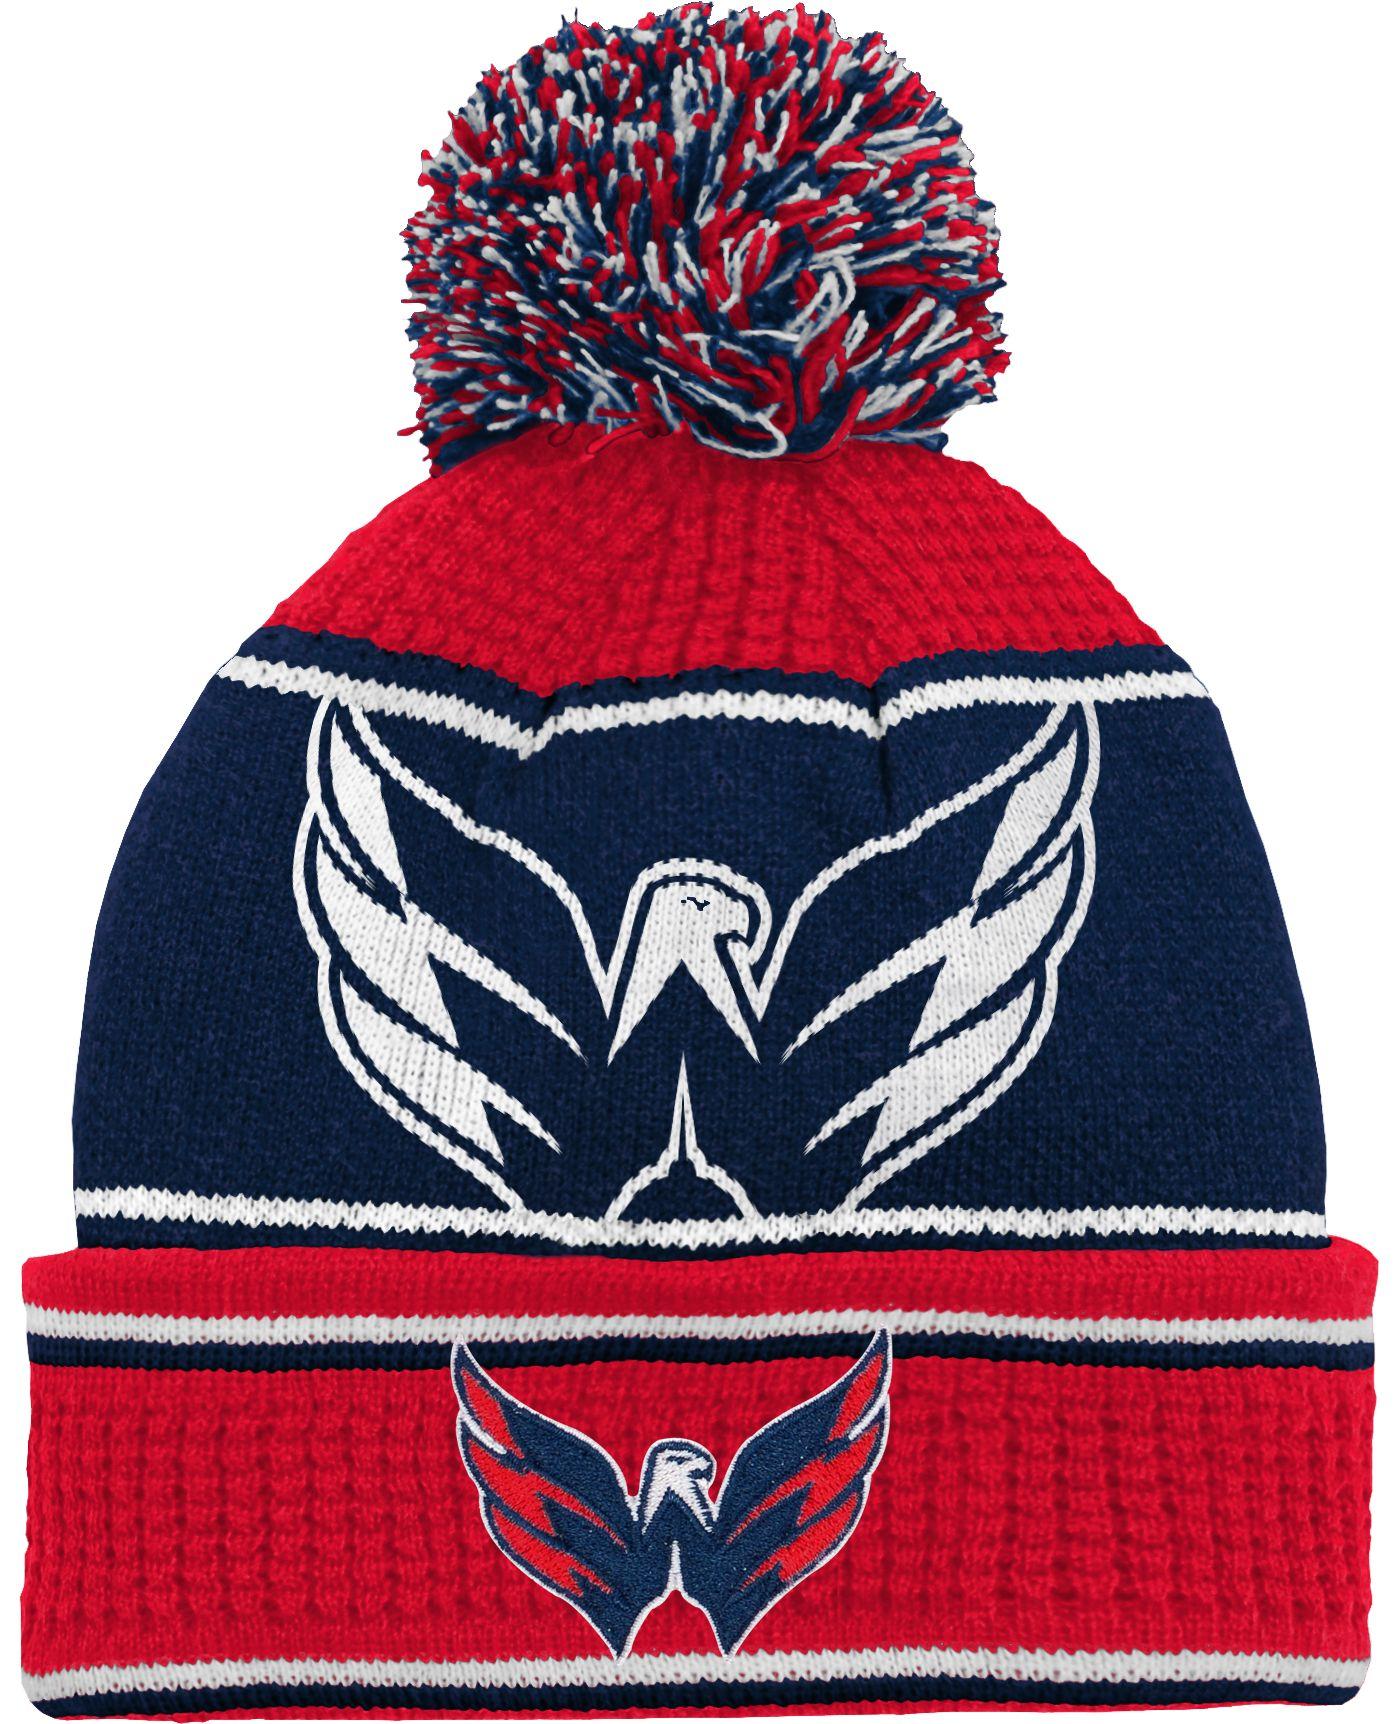 NHL Youth Washington Capitals Grind Cuff Pom Knit Beanie